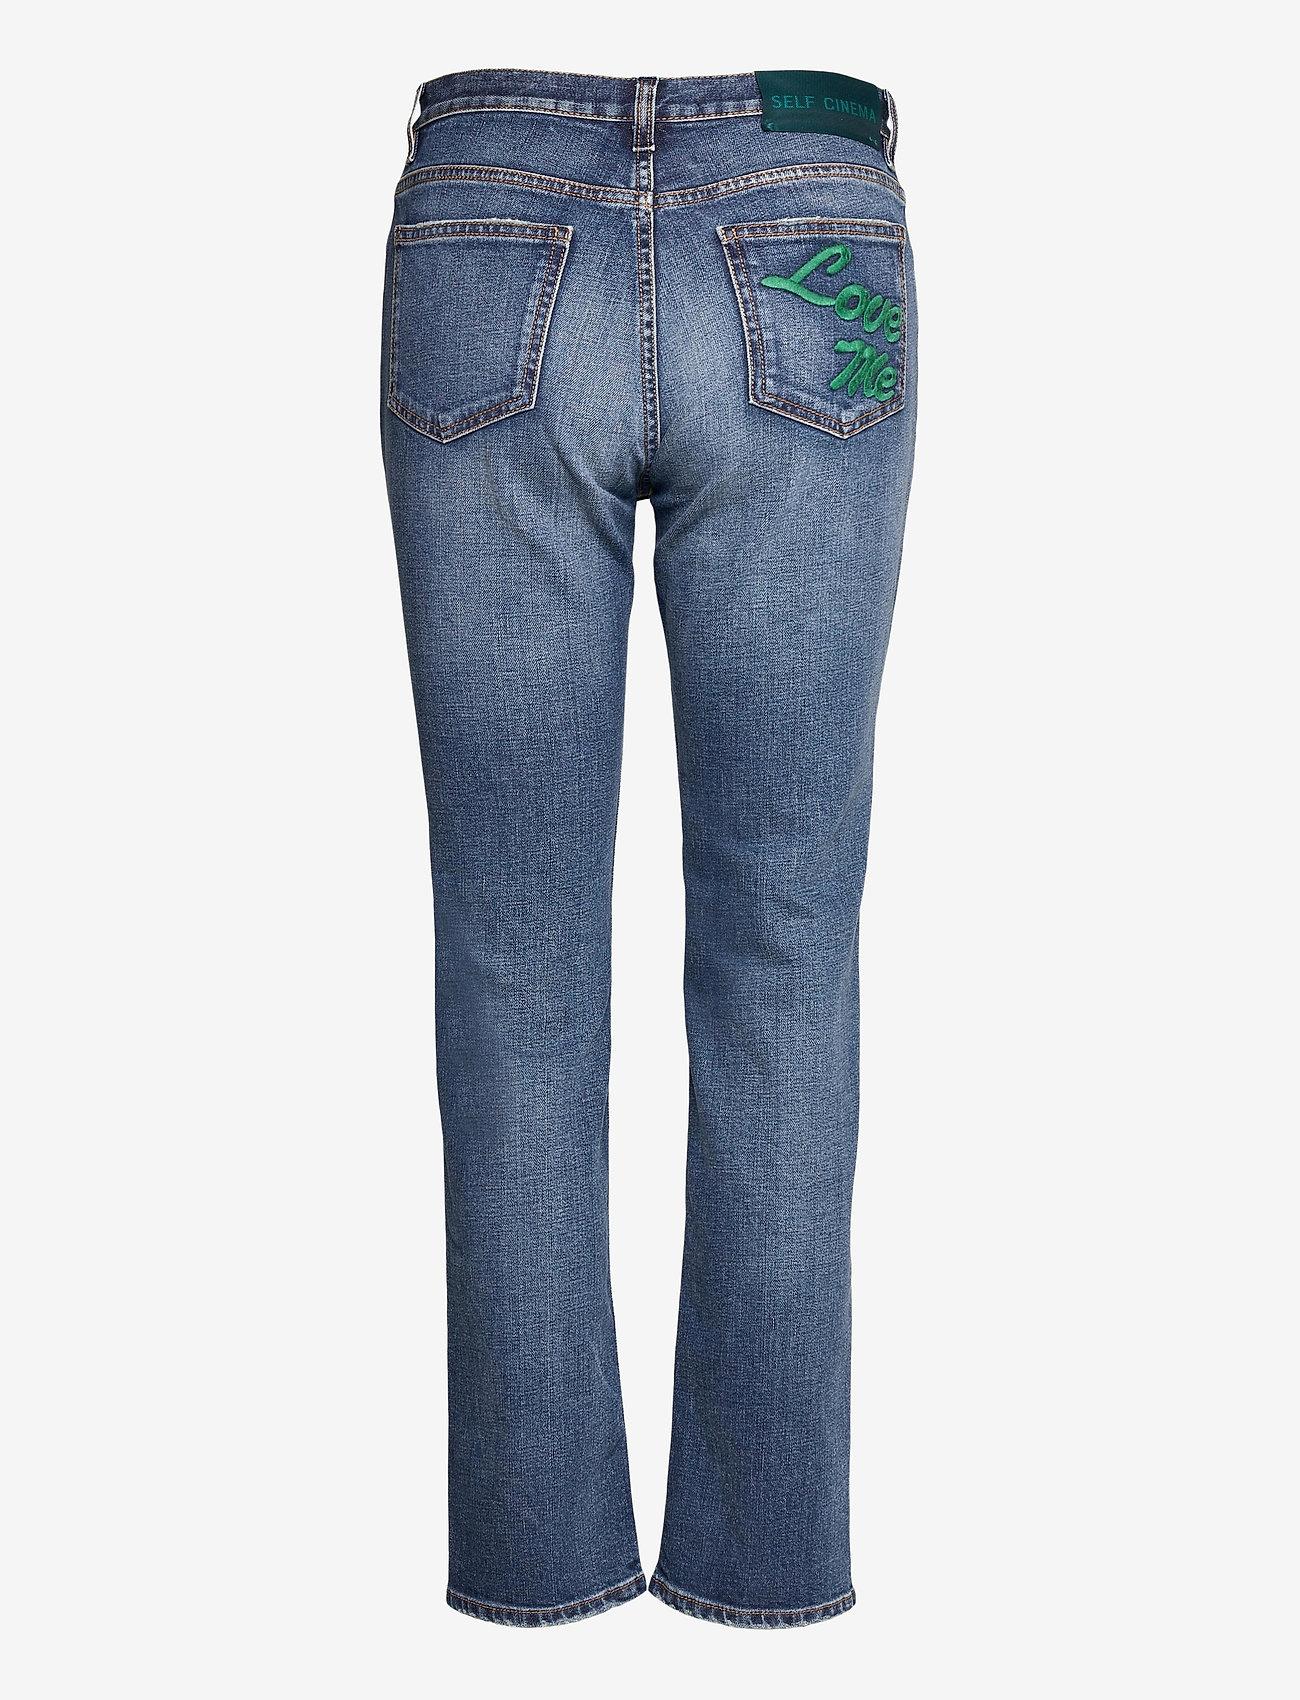 Self Cinema - Womens Slim Straight Jean Embroidered - straight regular - mid blue vintage - 1